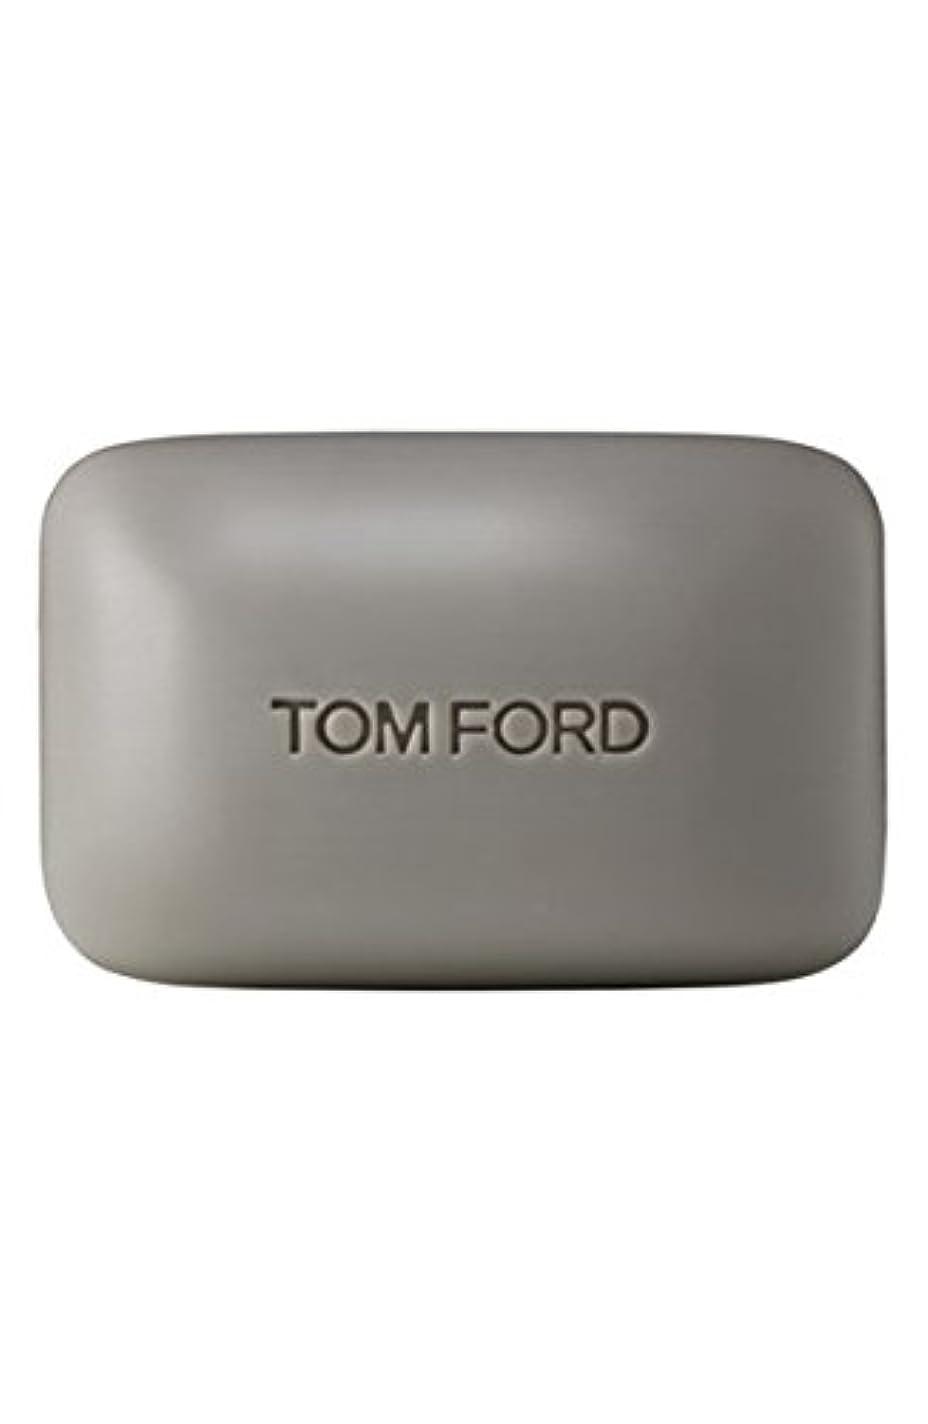 風景サスペンド吸収Tom Ford Private Blend 'Oud Wood' (トムフォード プライベートブレンド オードウッド) 5.5 oz (165ml) Bar Soap (固形石鹸)